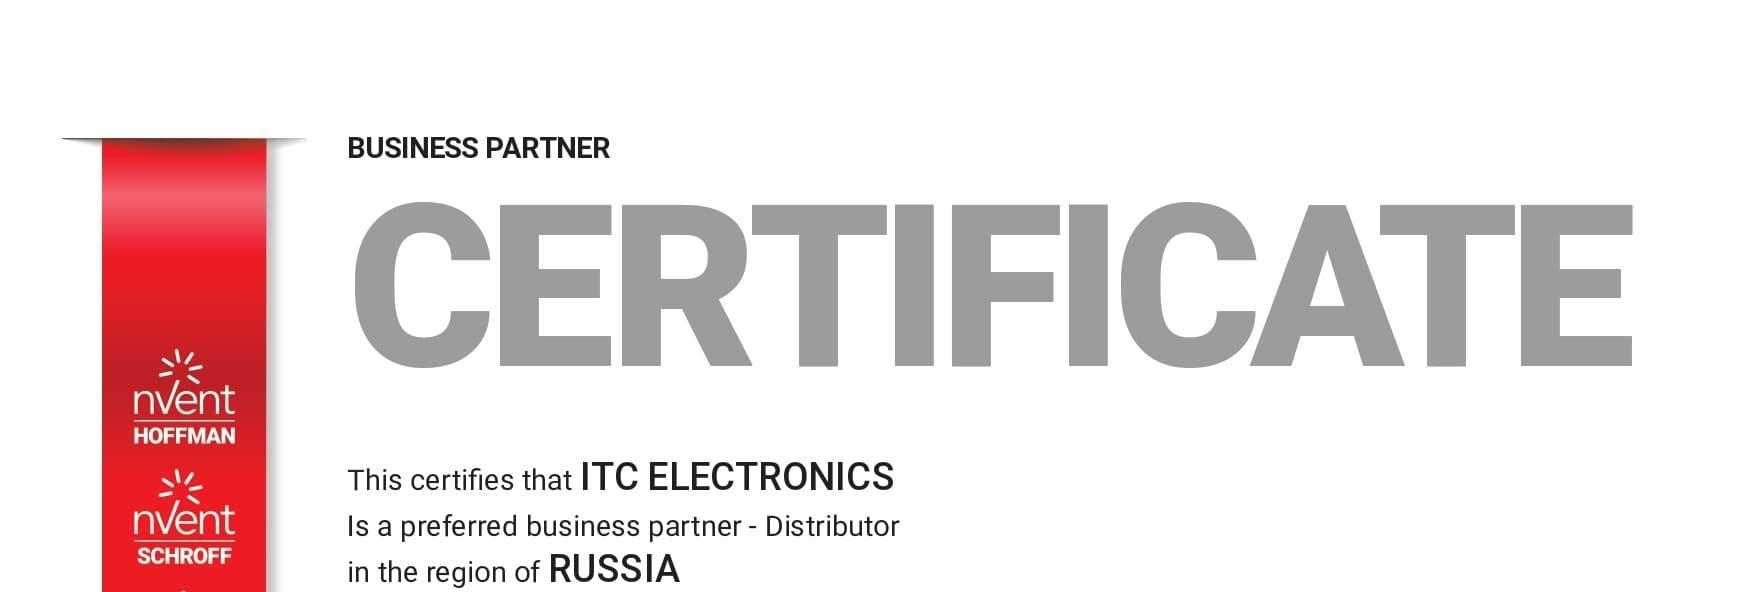 ITC-Electronics официальный партнер nVent Schroff до конца 2022 года